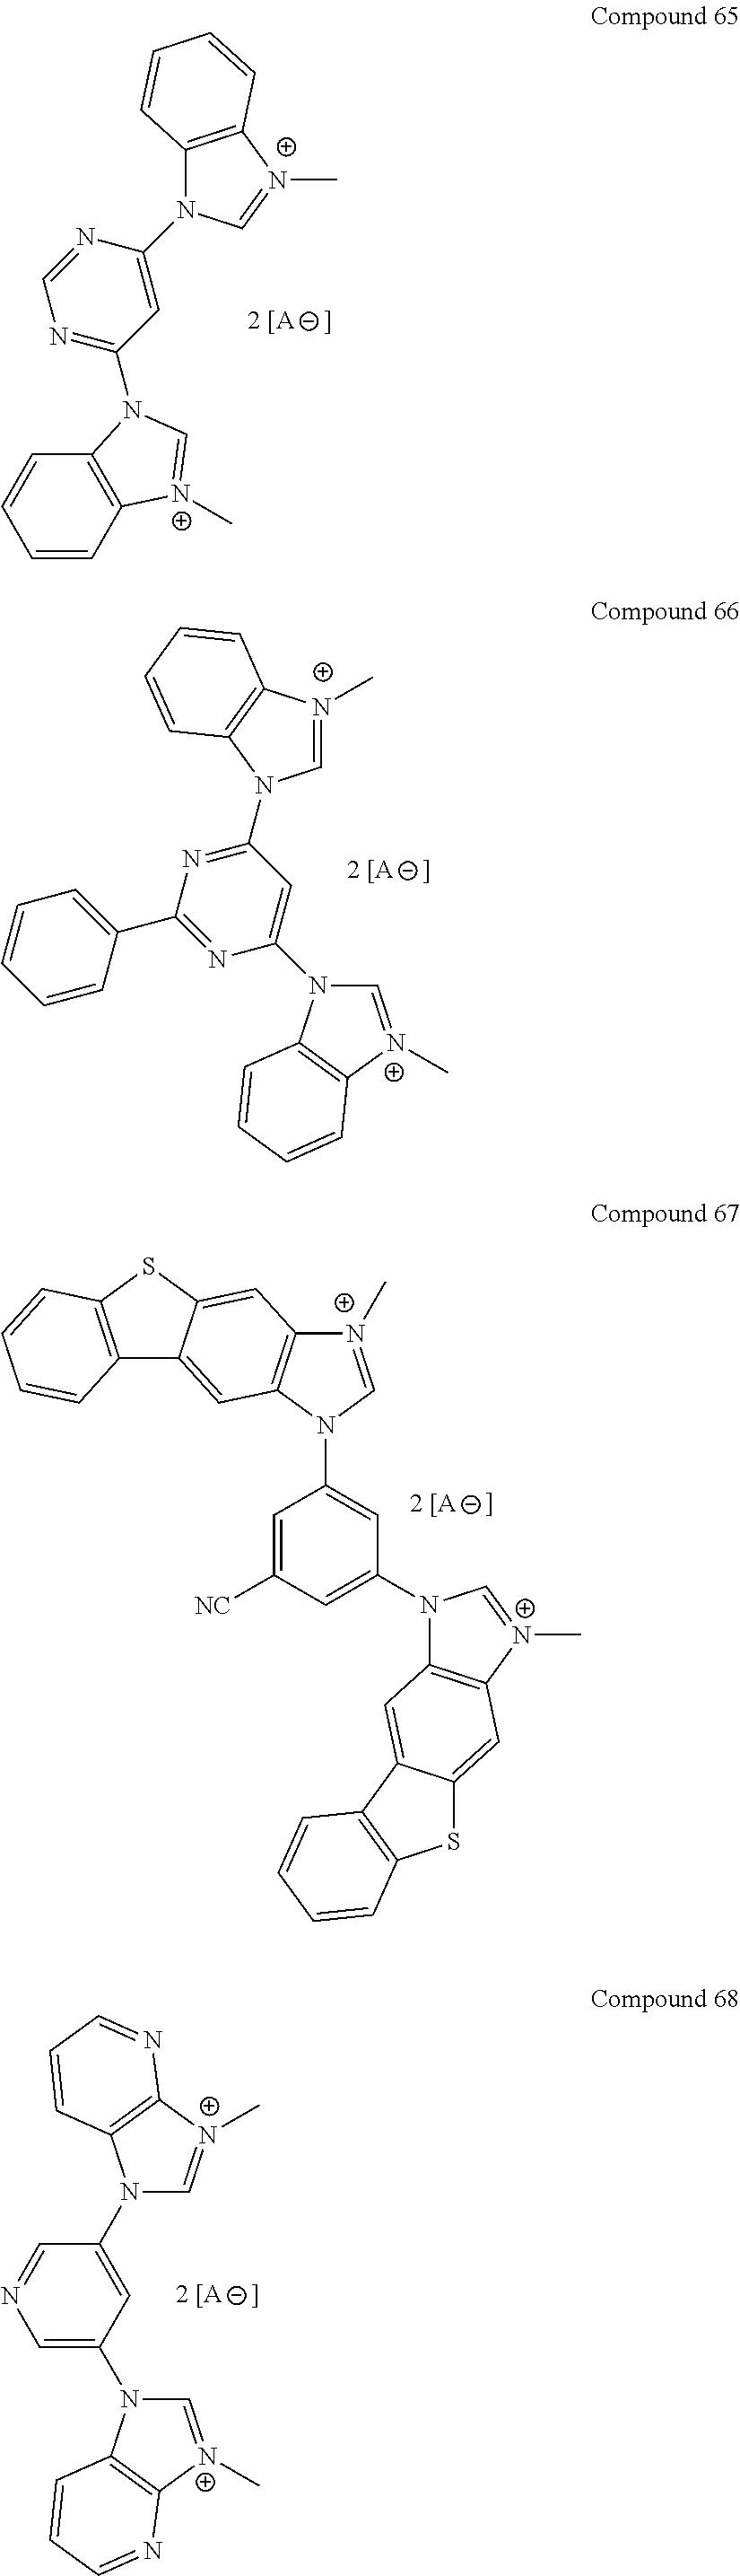 Figure US08563737-20131022-C00022